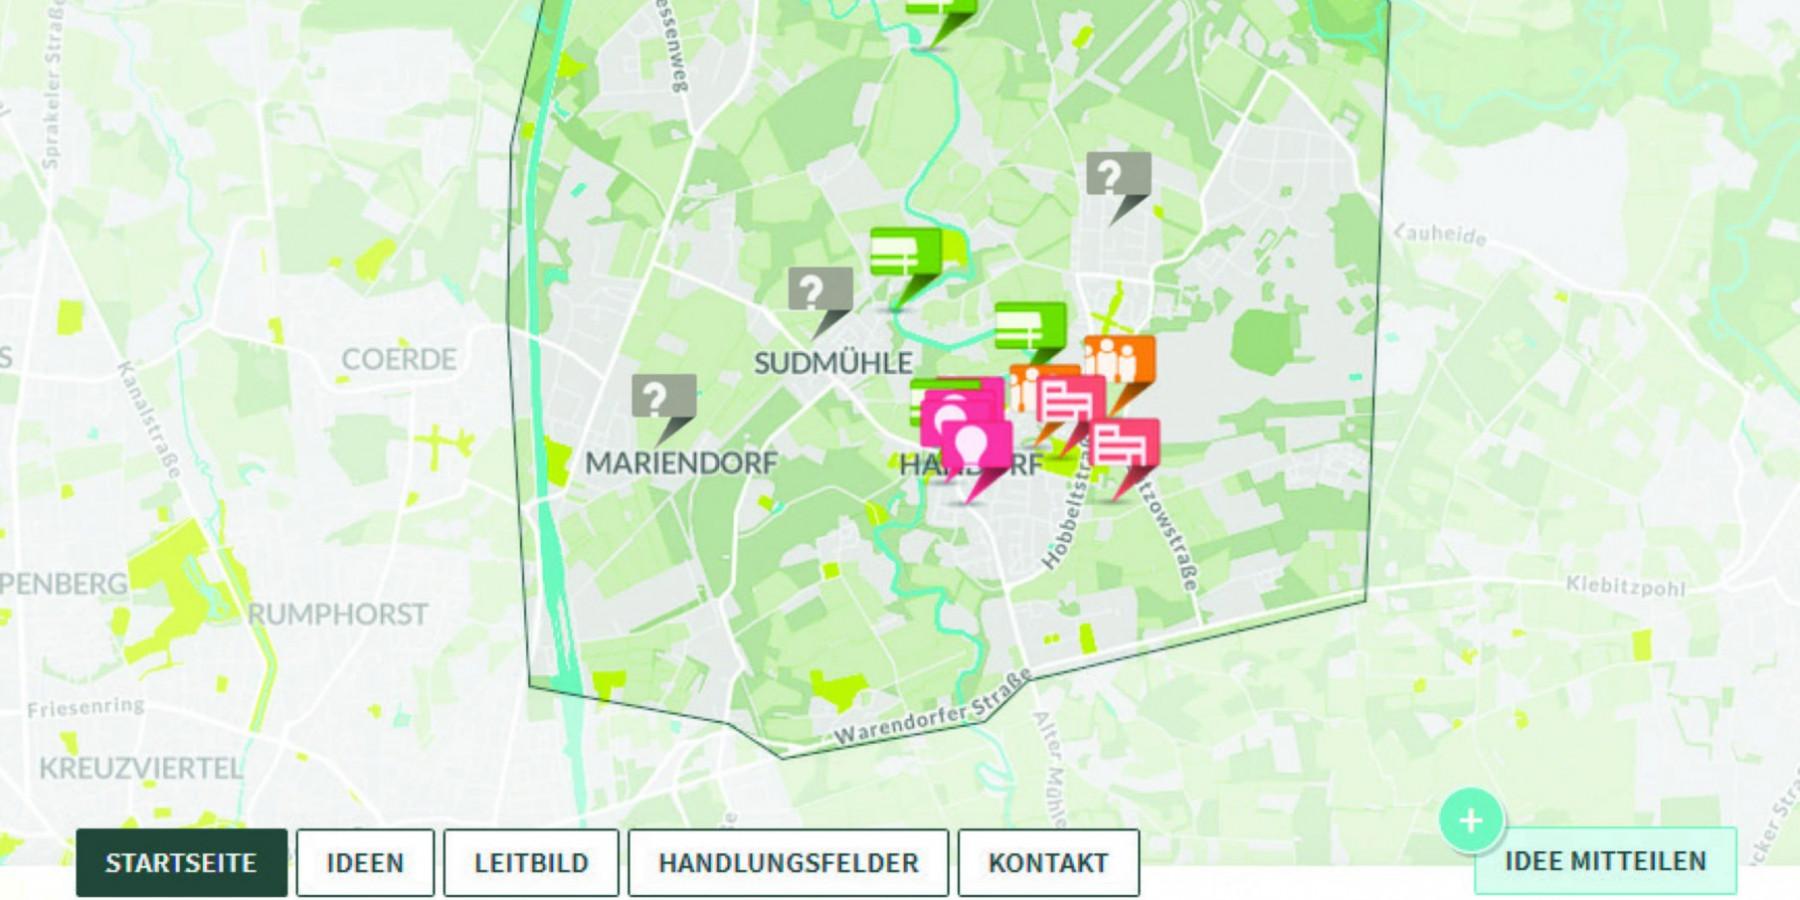 Stadtteilkonzept für Handorf, Gelmer, Mariendorf, Sudmühle: Online-Beteiligungsverfahren startet